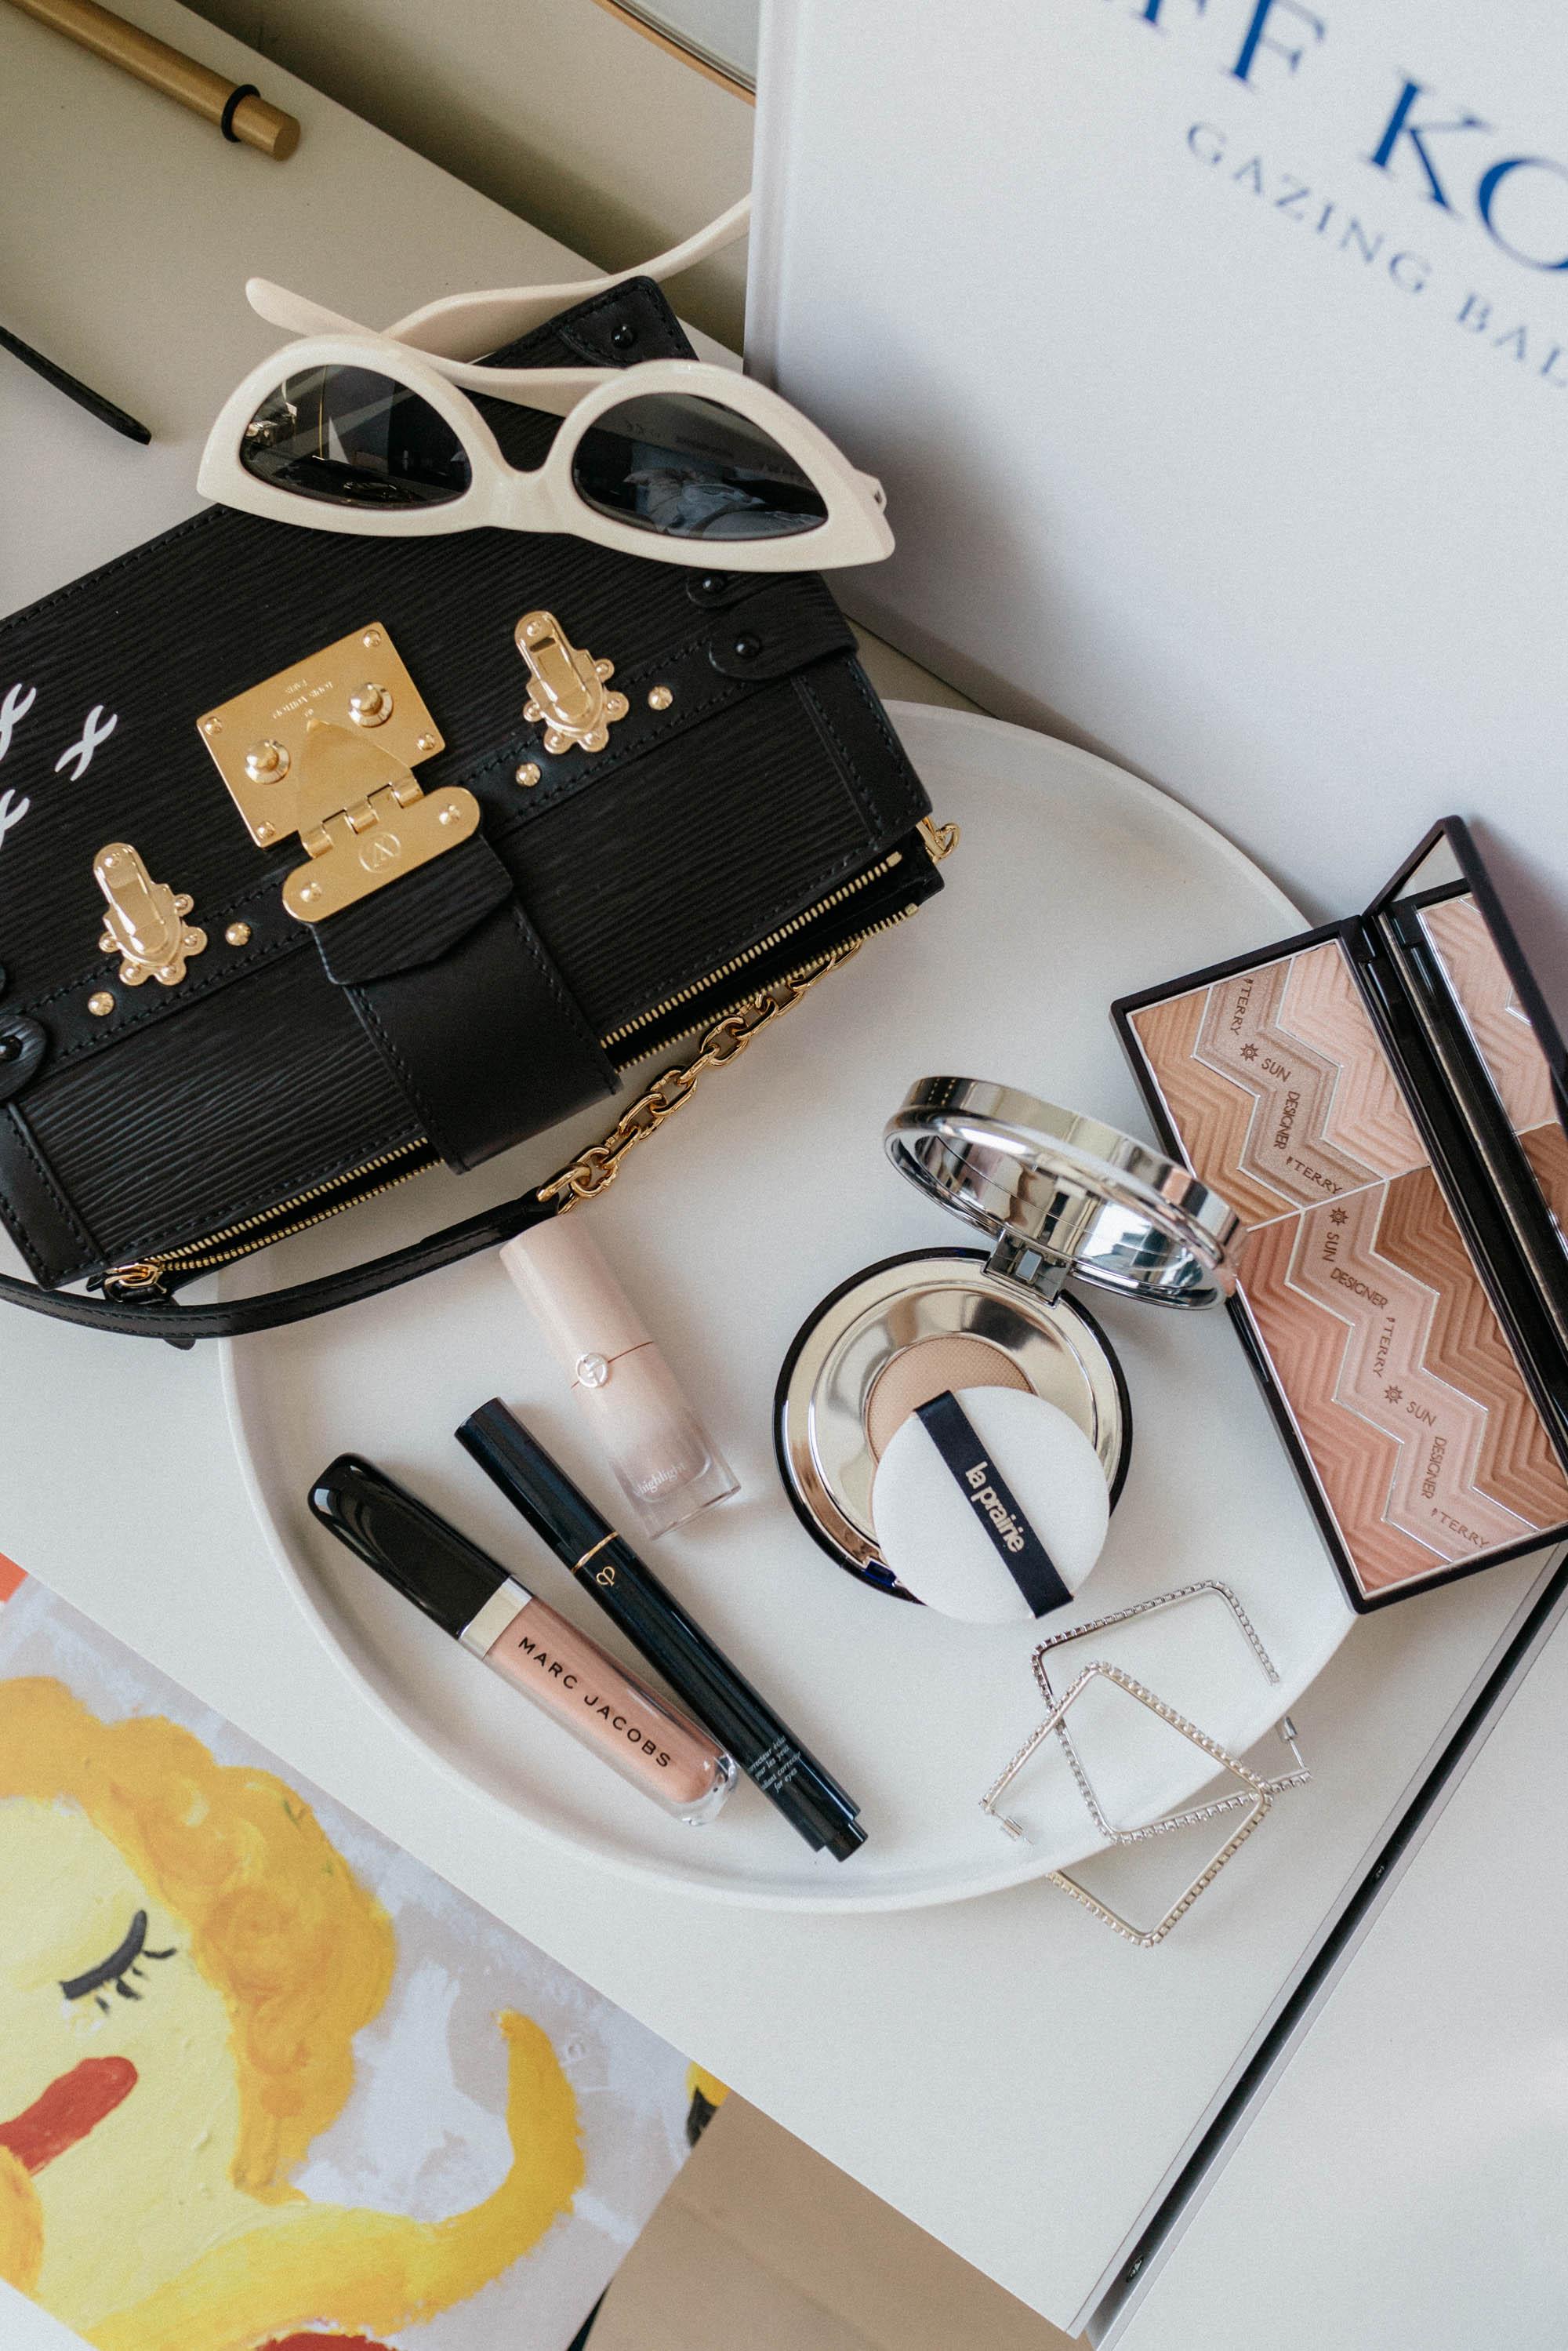 By Terry Palette ,  La Prairie Cushion Compact ,  Armani Beauty Highlighter ,  Clé de Peau Beauté Concealer ,  Marc Jacobs Lipstick ,  AREA Earrings ,  Céline Sunglasses